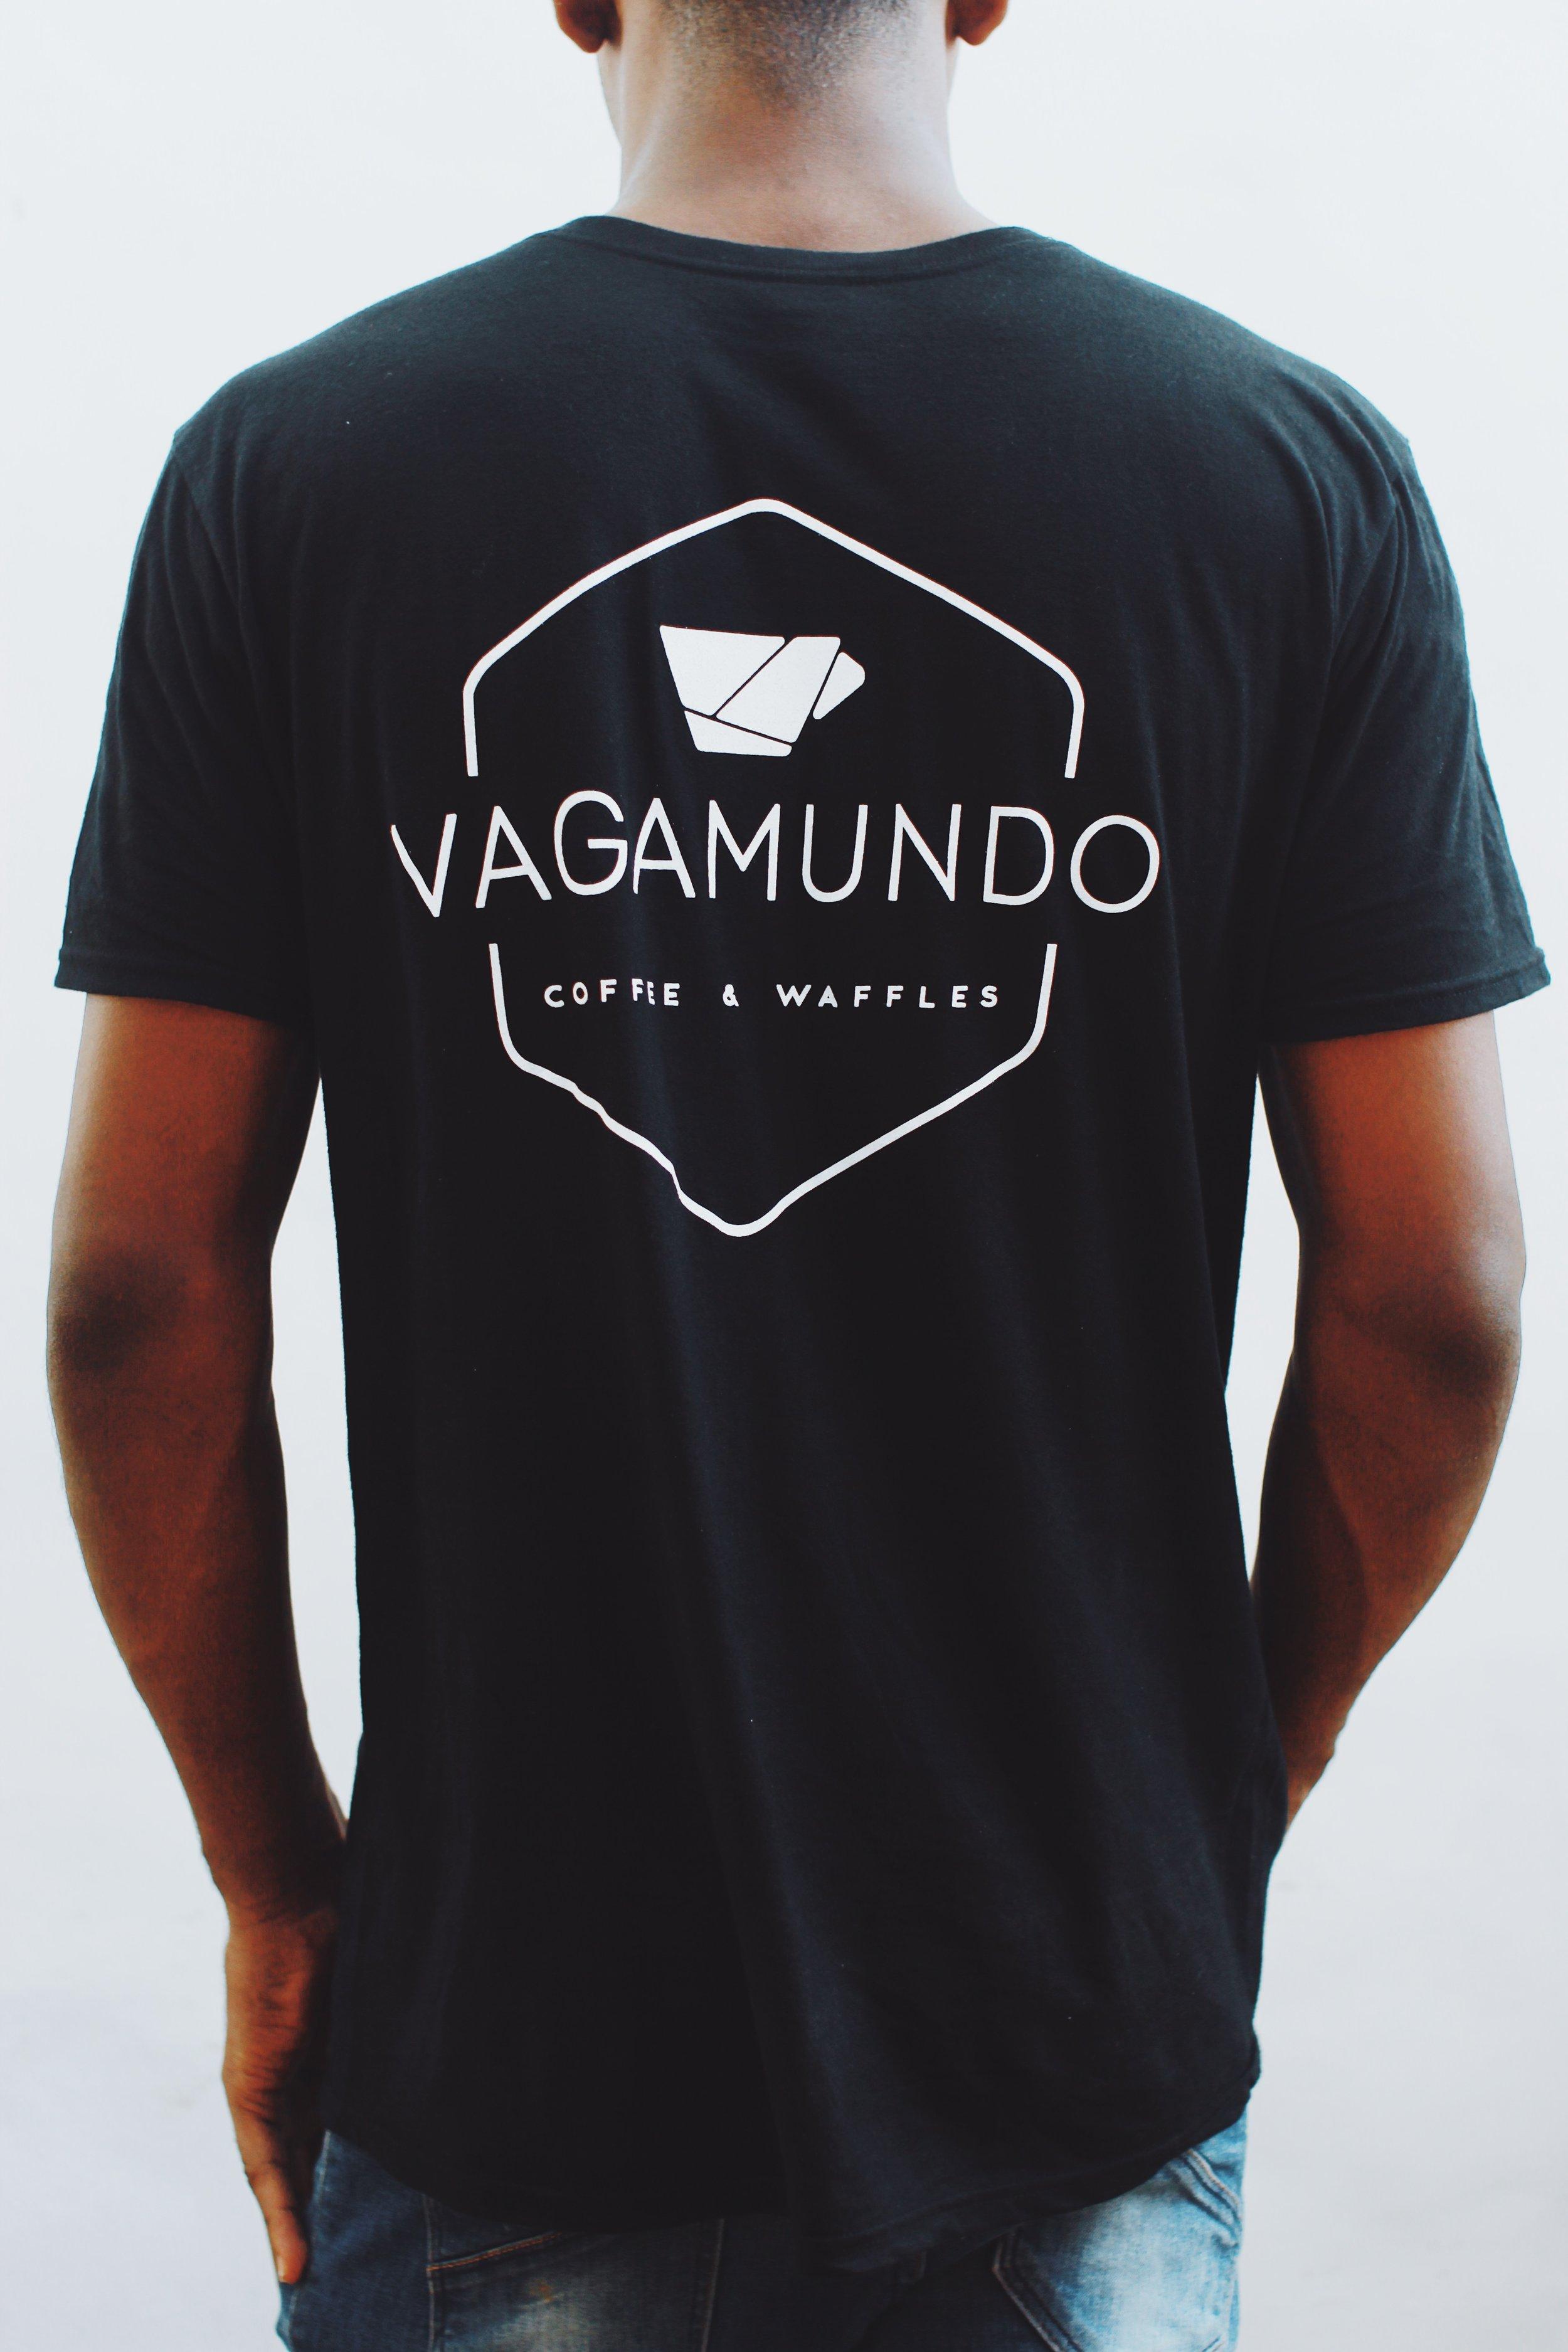 Vagamundo Shirt (Black - ft. back side) *Size Large in photo $900rd / ~$20 usd